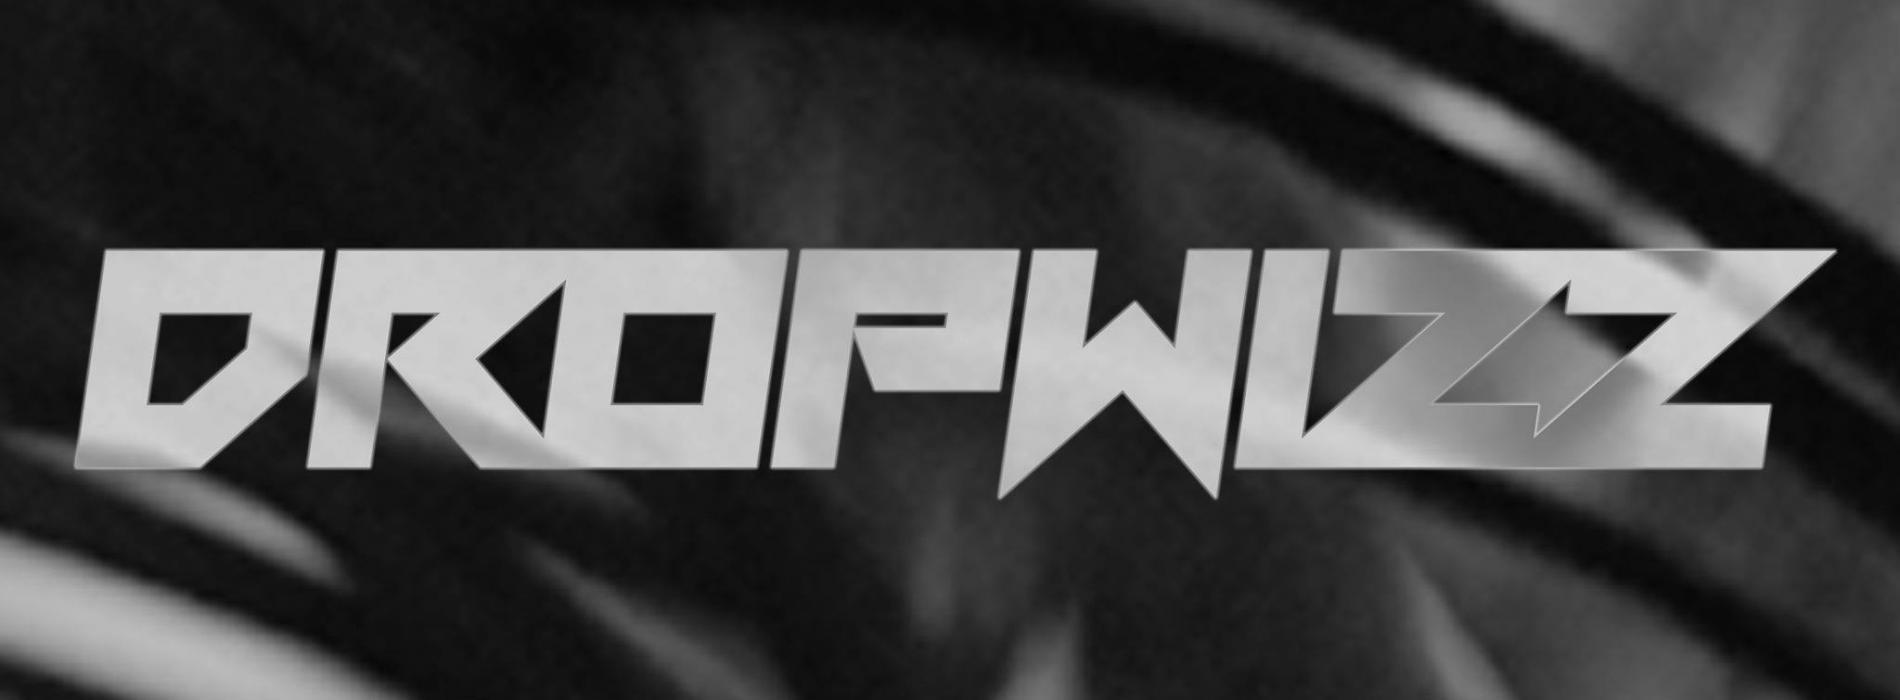 New Music : Dropwizz – Footwork